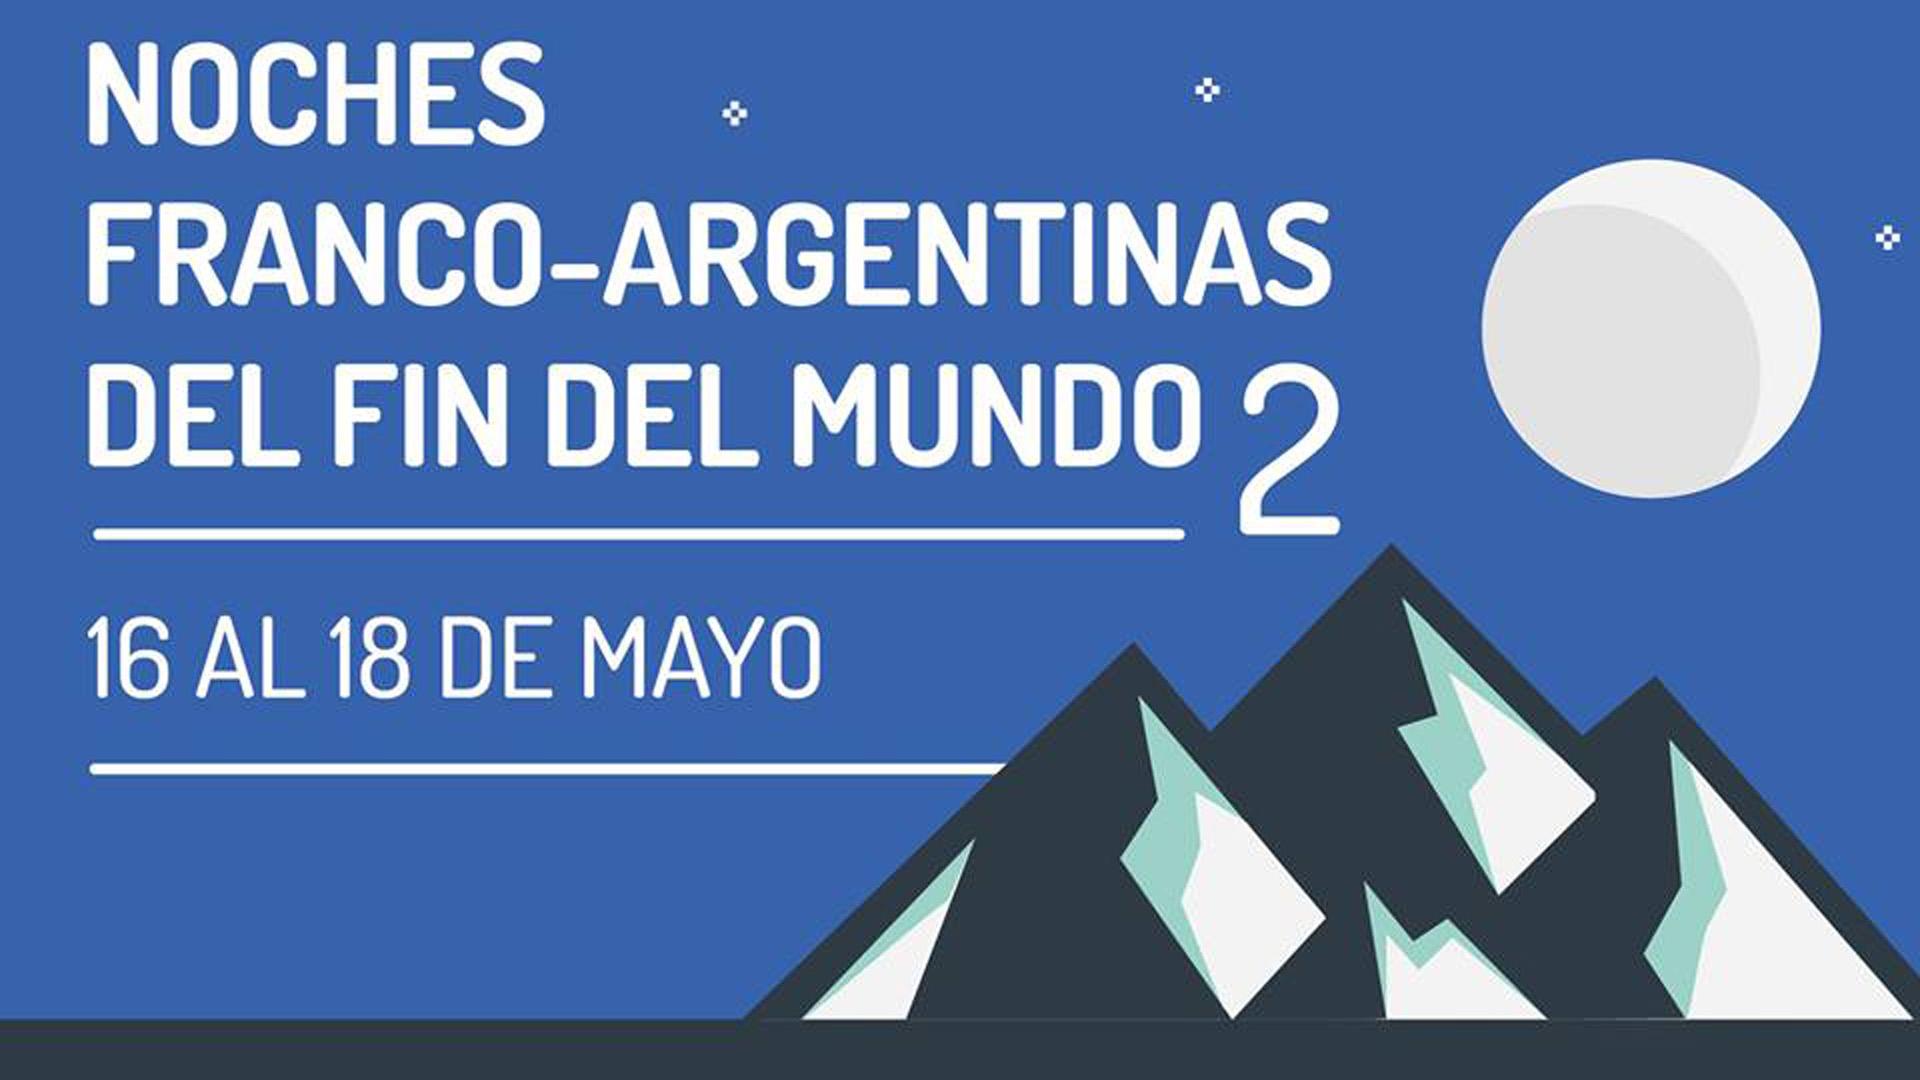 Noches franco-argentinas 2